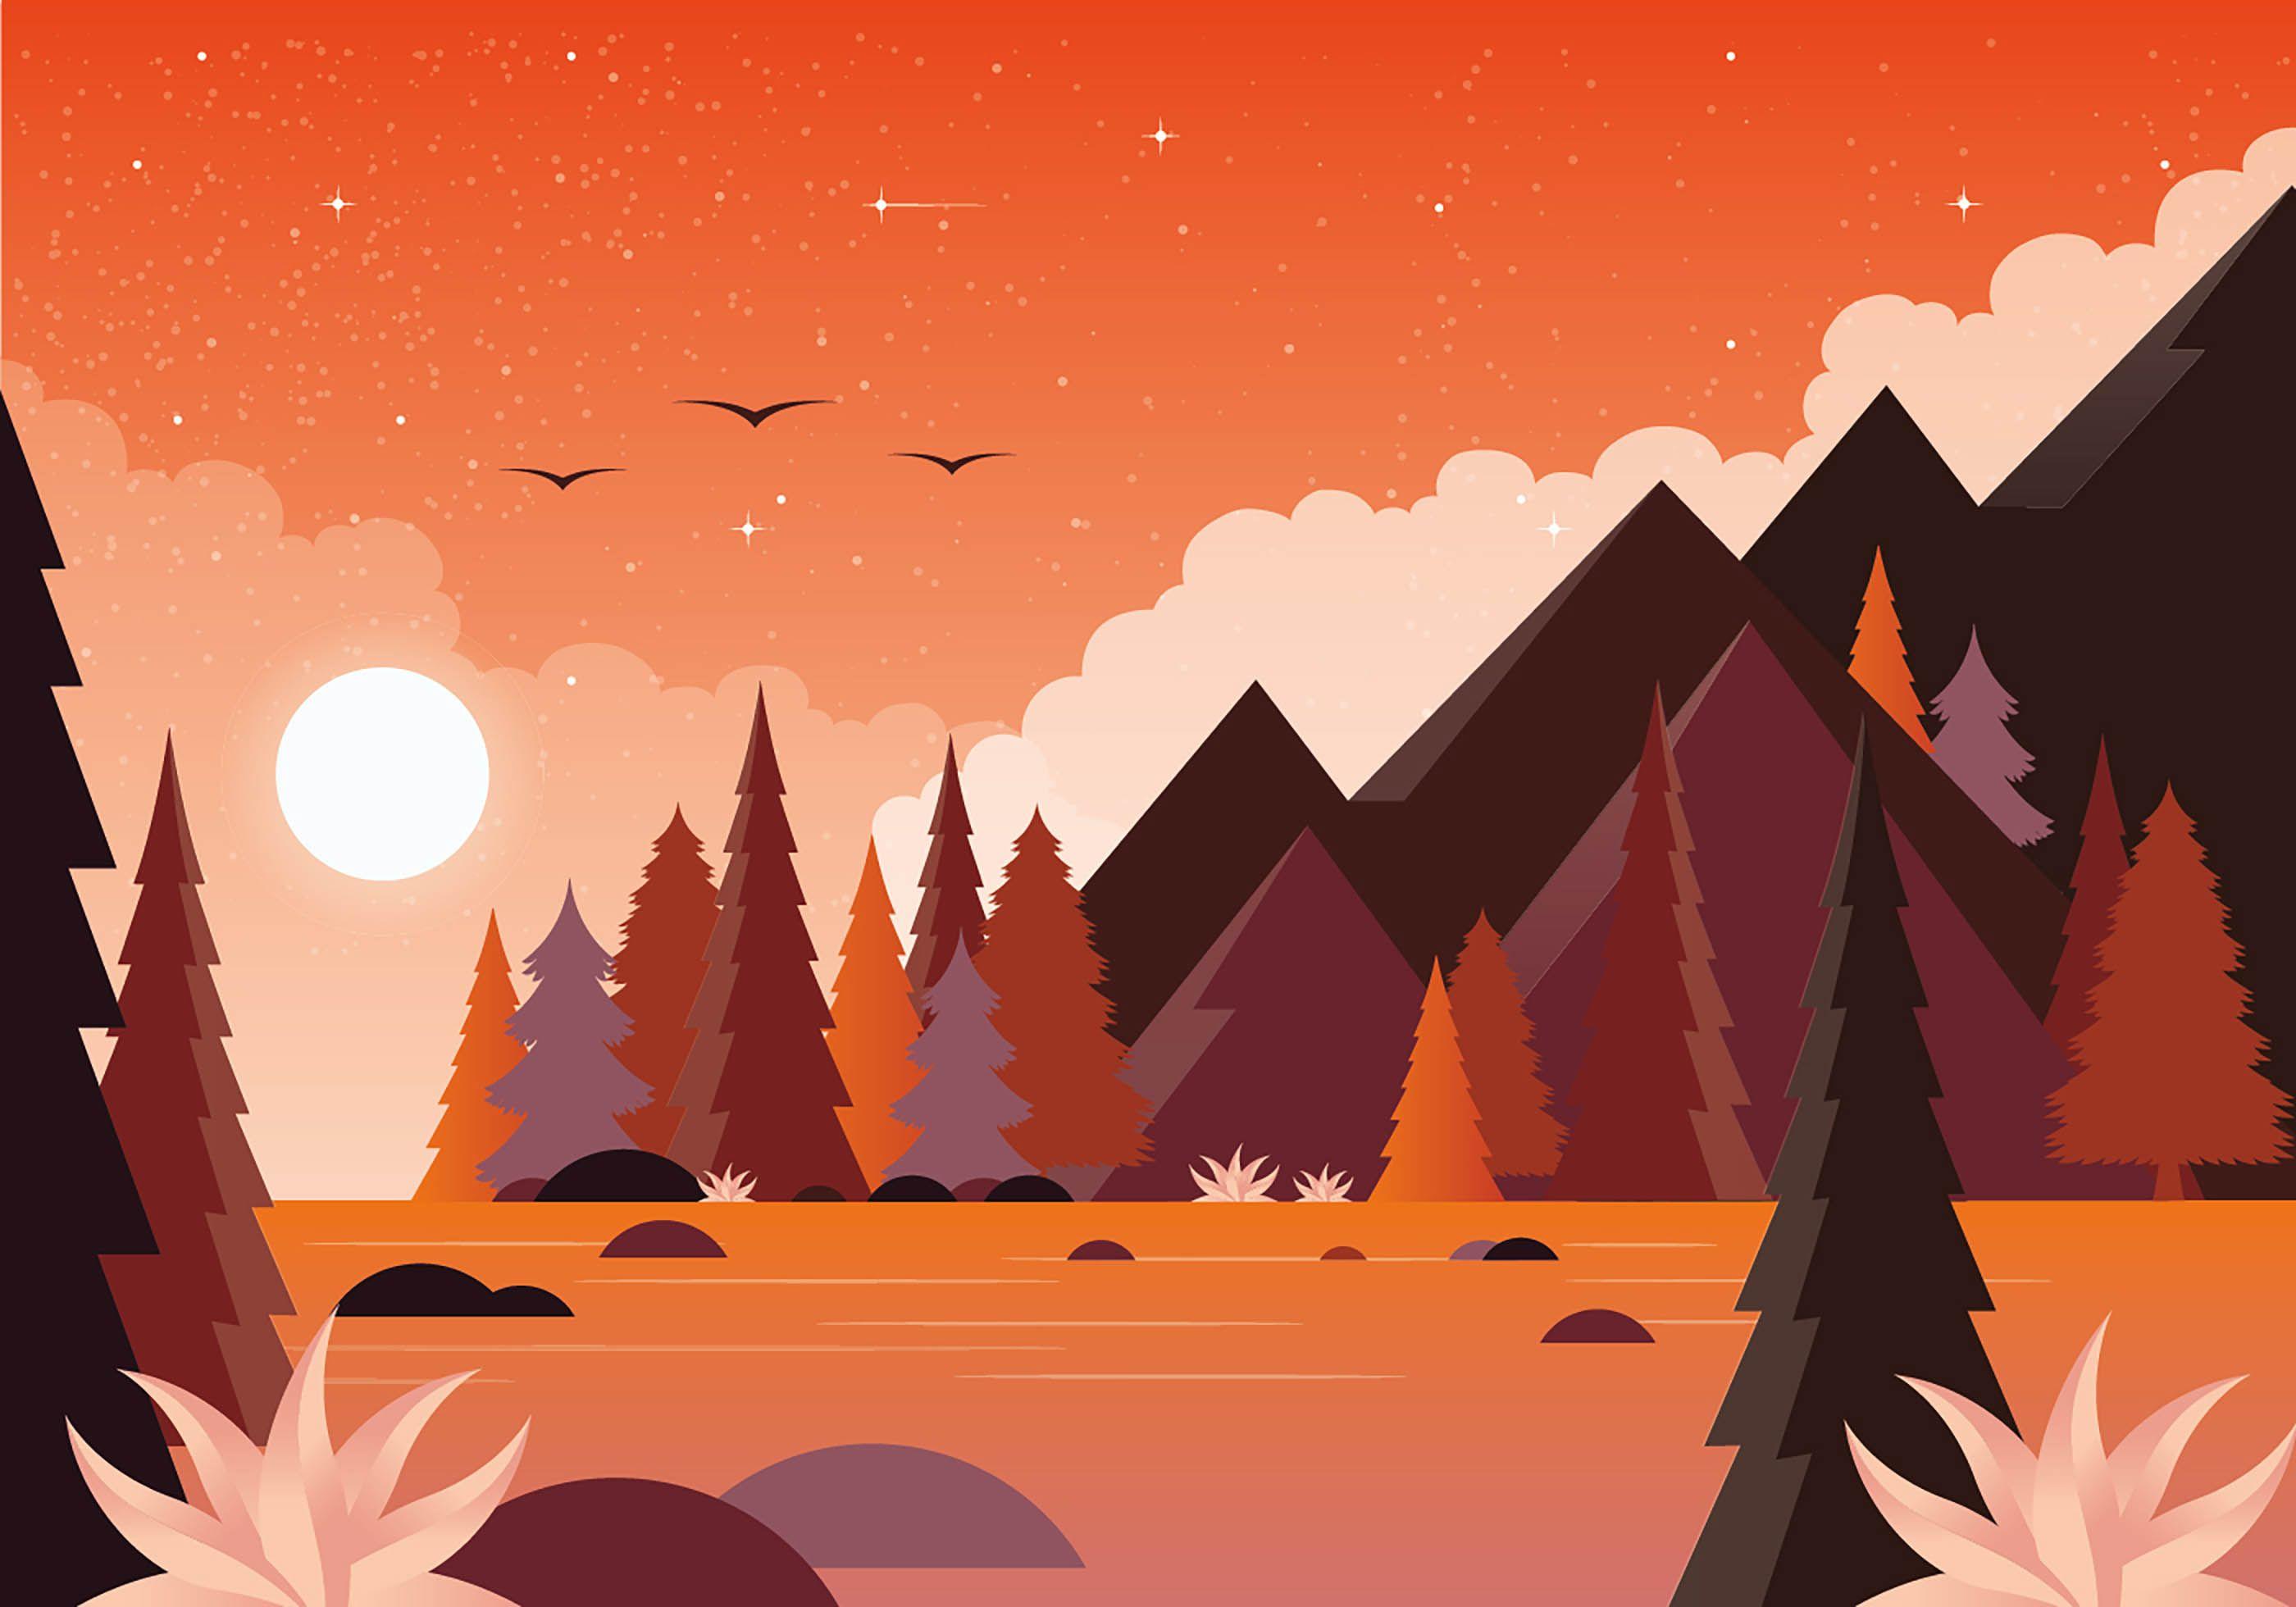 Vector Nature Landscape Illustration Landscape Illustration Game Background Art Nature Illustration